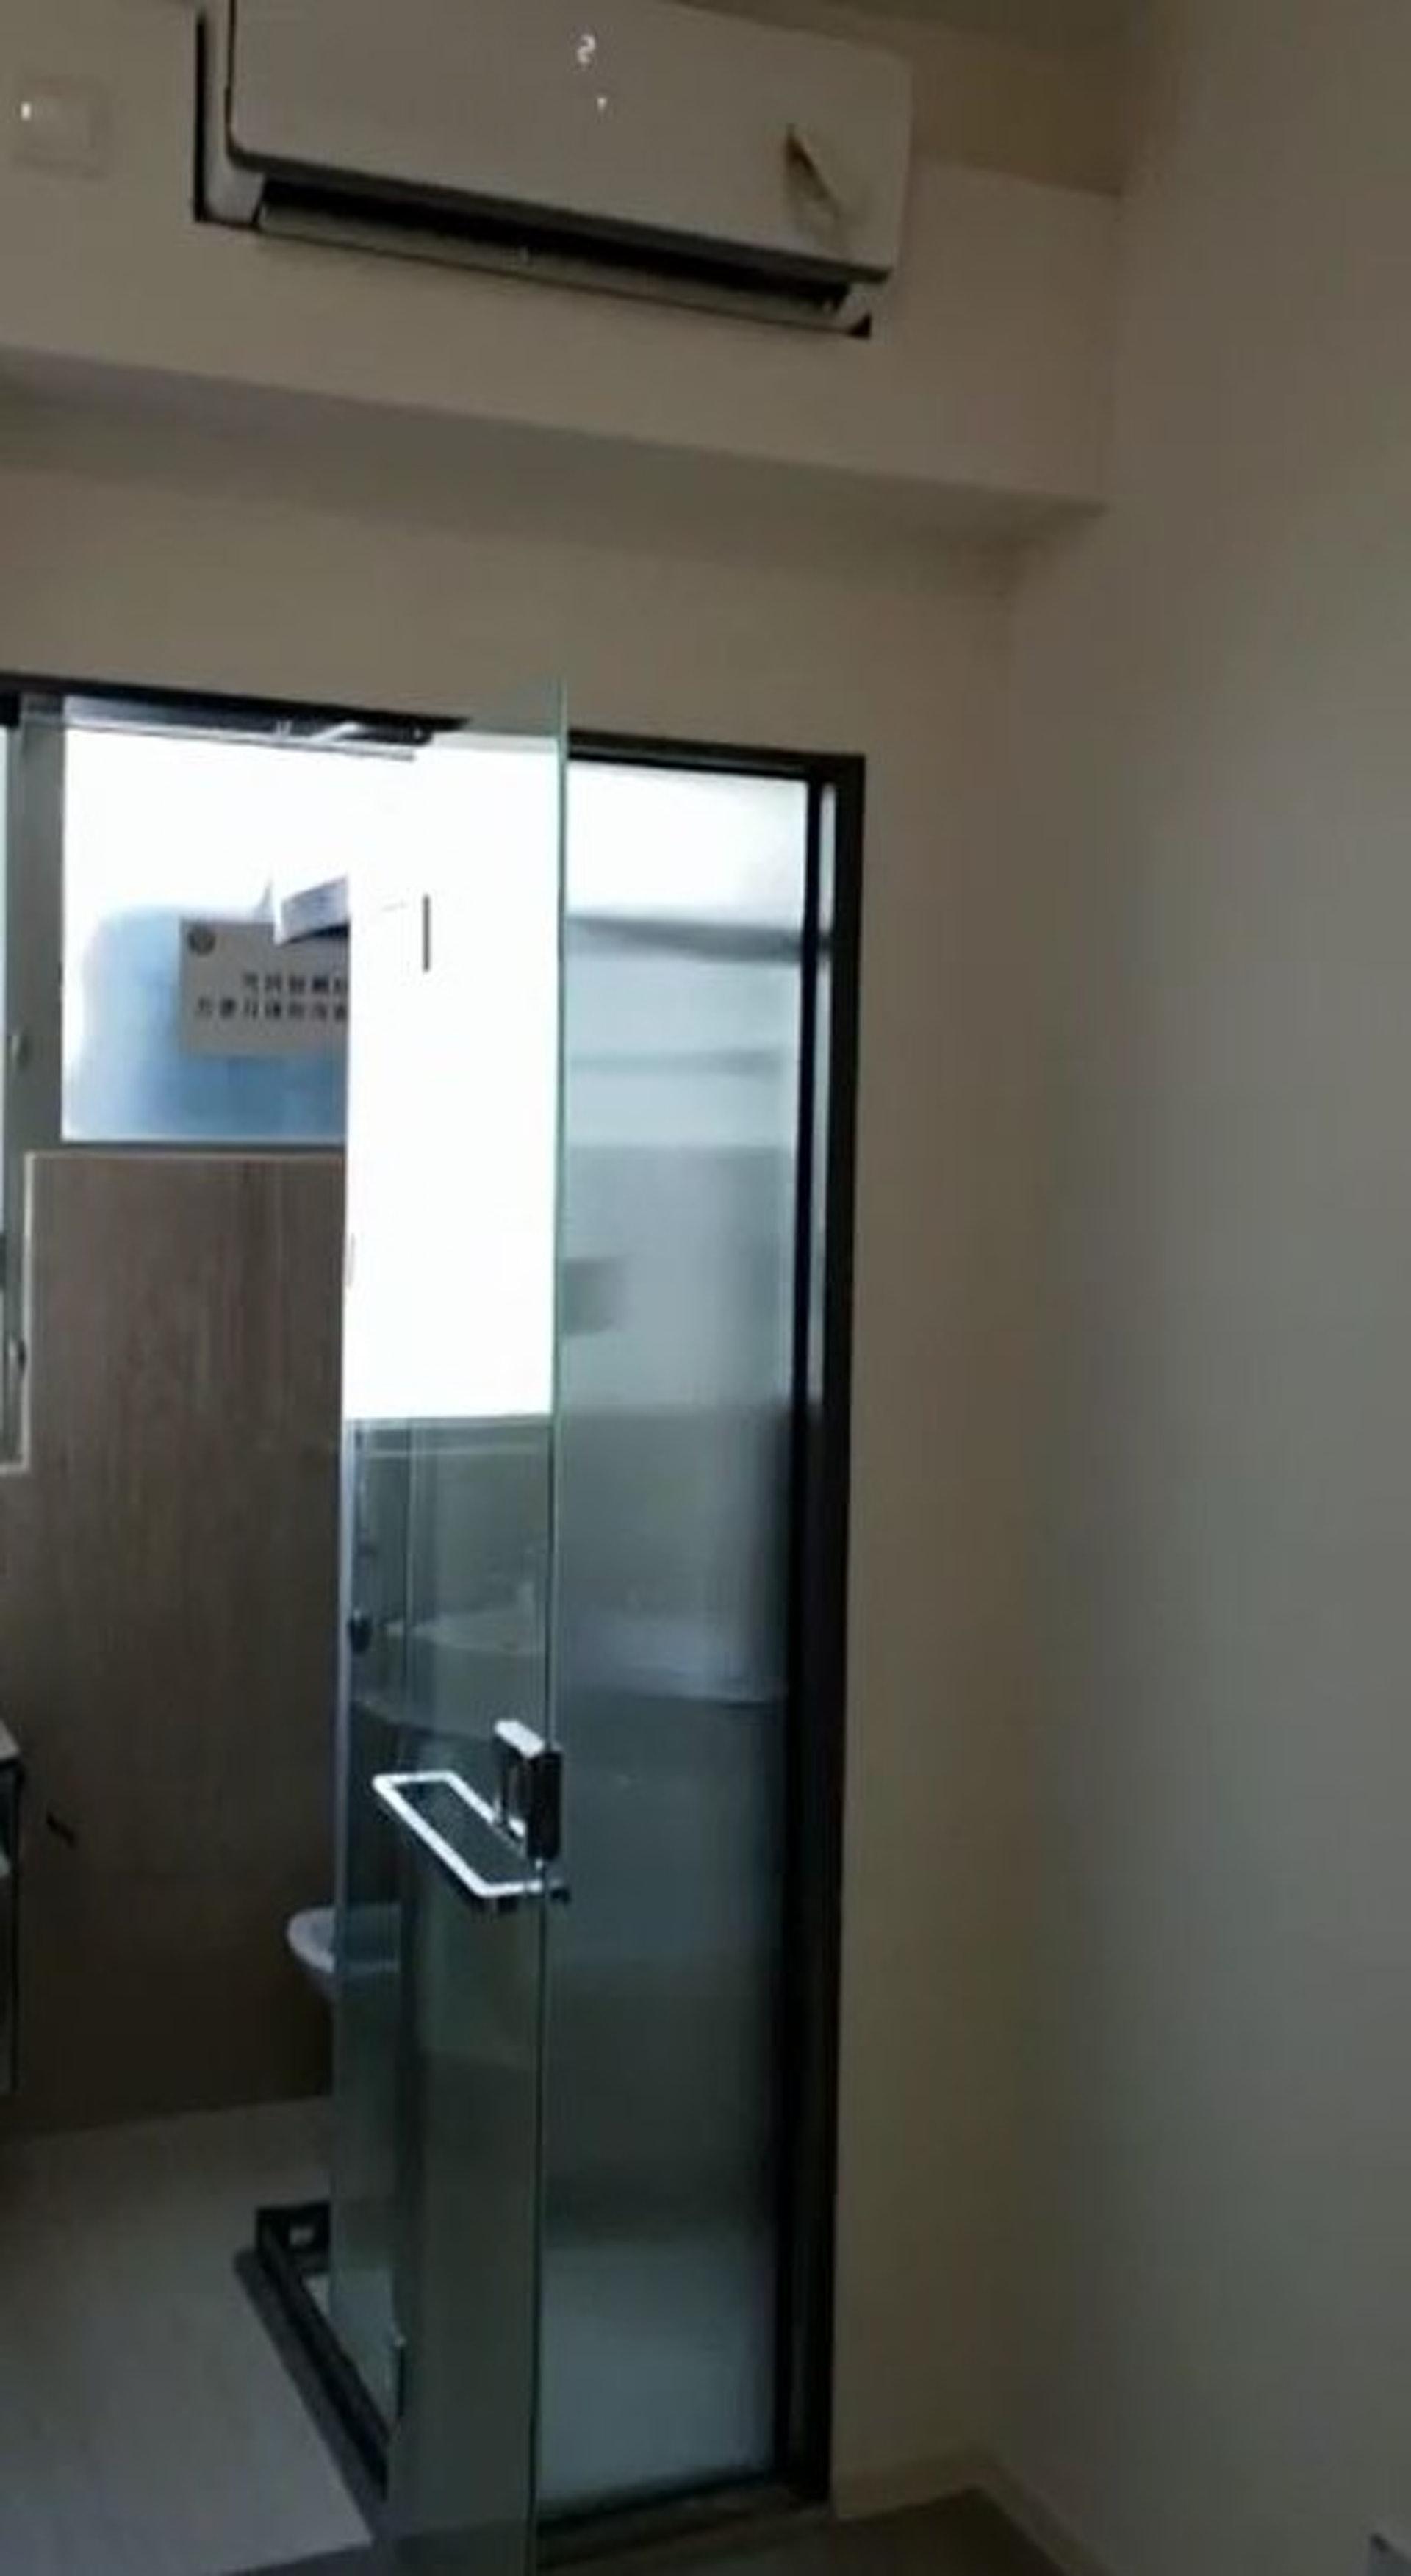 開放式廚房的另一邊是浴室。(代理提供片段)